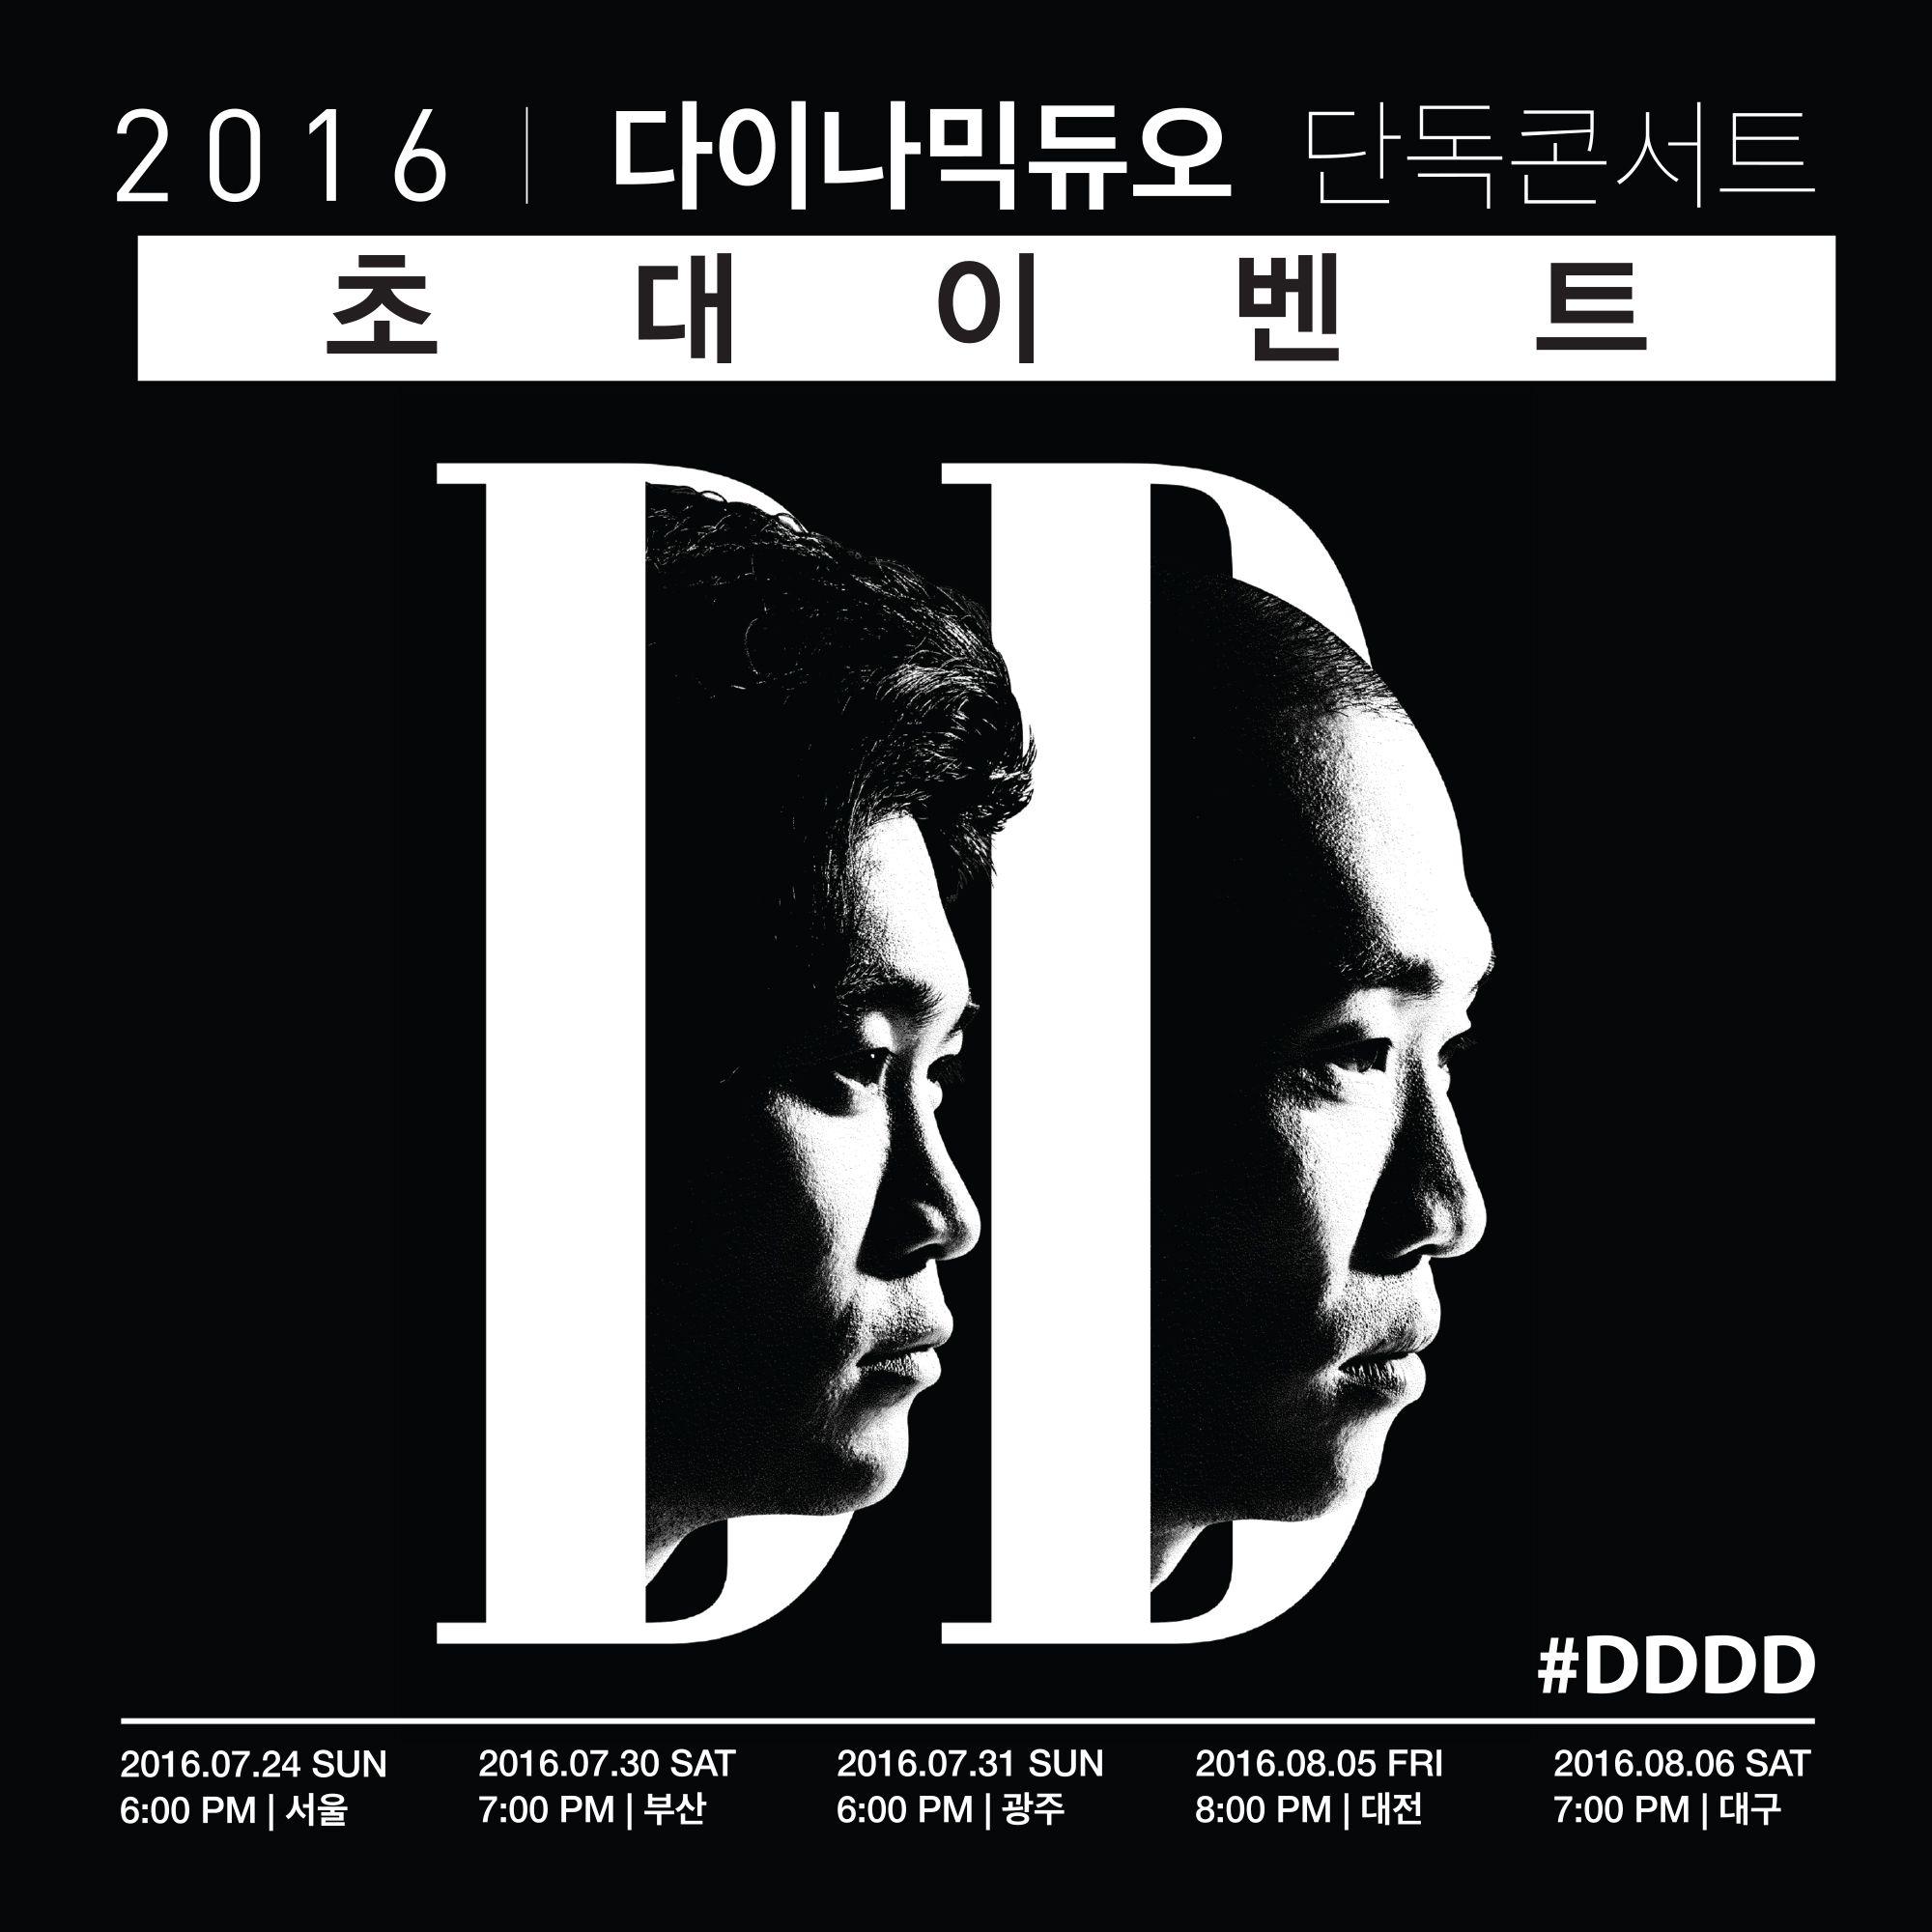 2016 다이나믹듀오 단독 콘서트 초대 이벤트!! [부산 - 당첨자 발표] 자세한 내용은 아메바컬쳐 공식 페이스북에서 확인하세요!  http://bit.ly/2aGApar